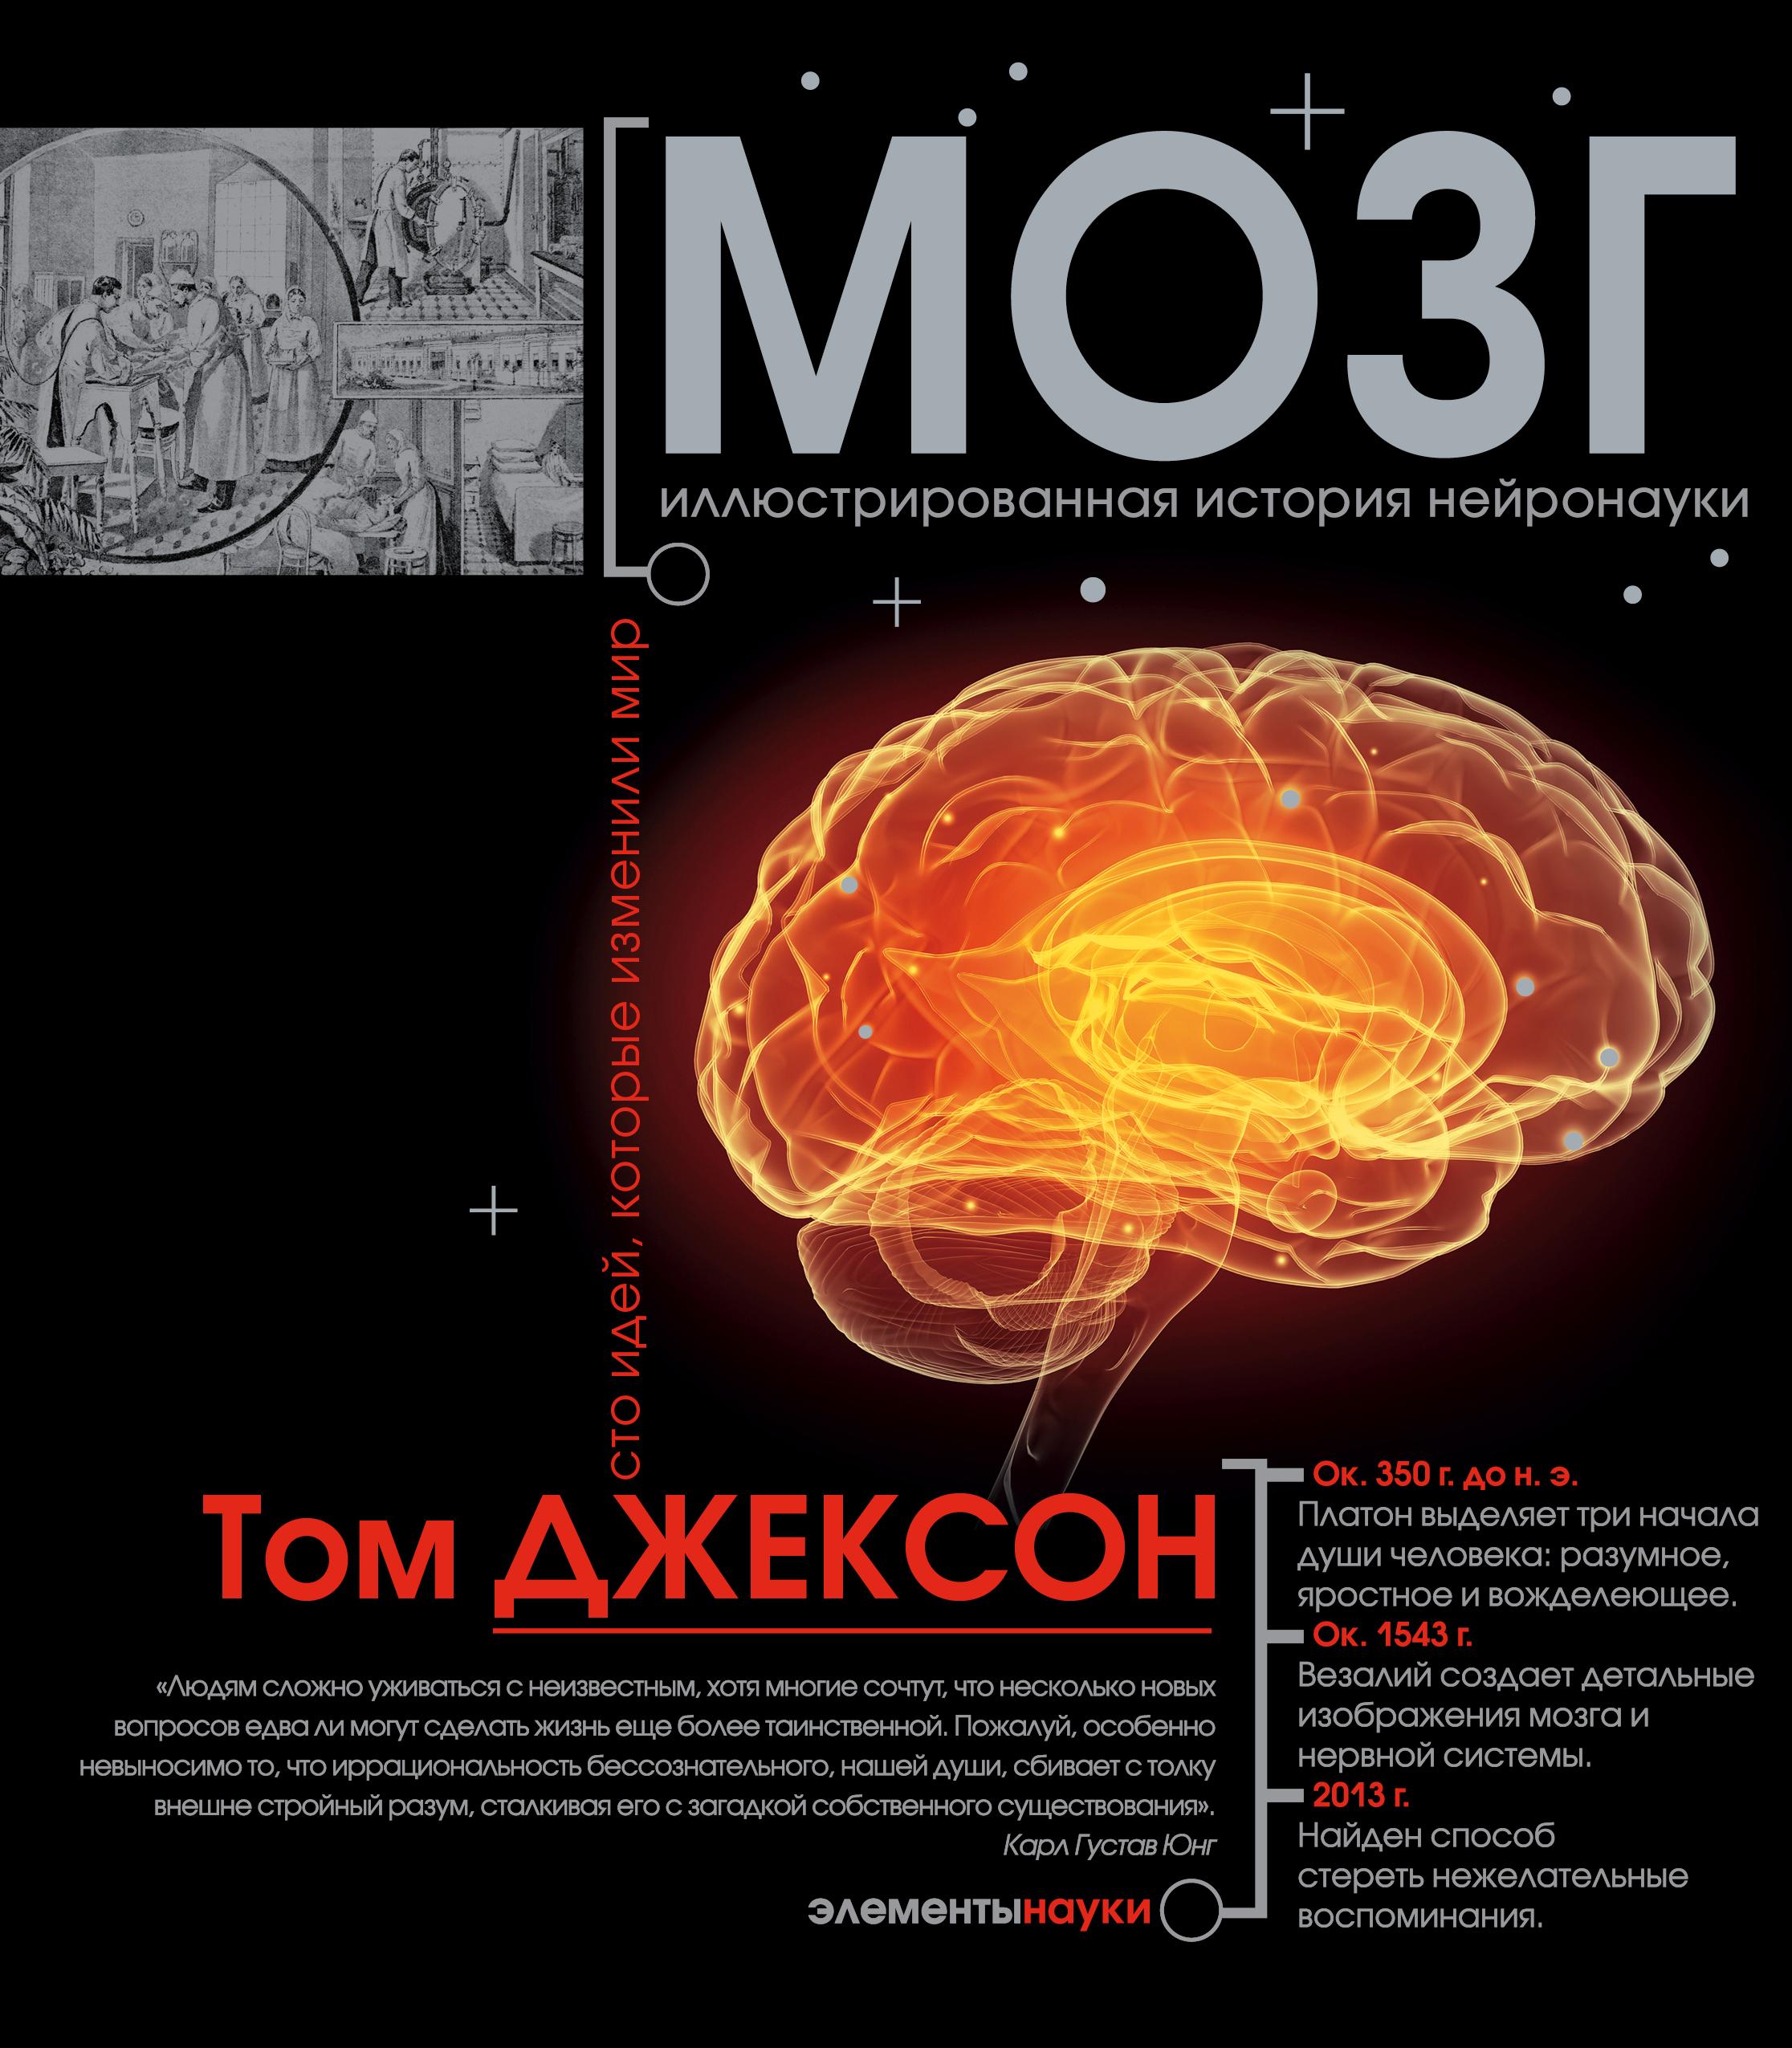 Мозг от book24.ru